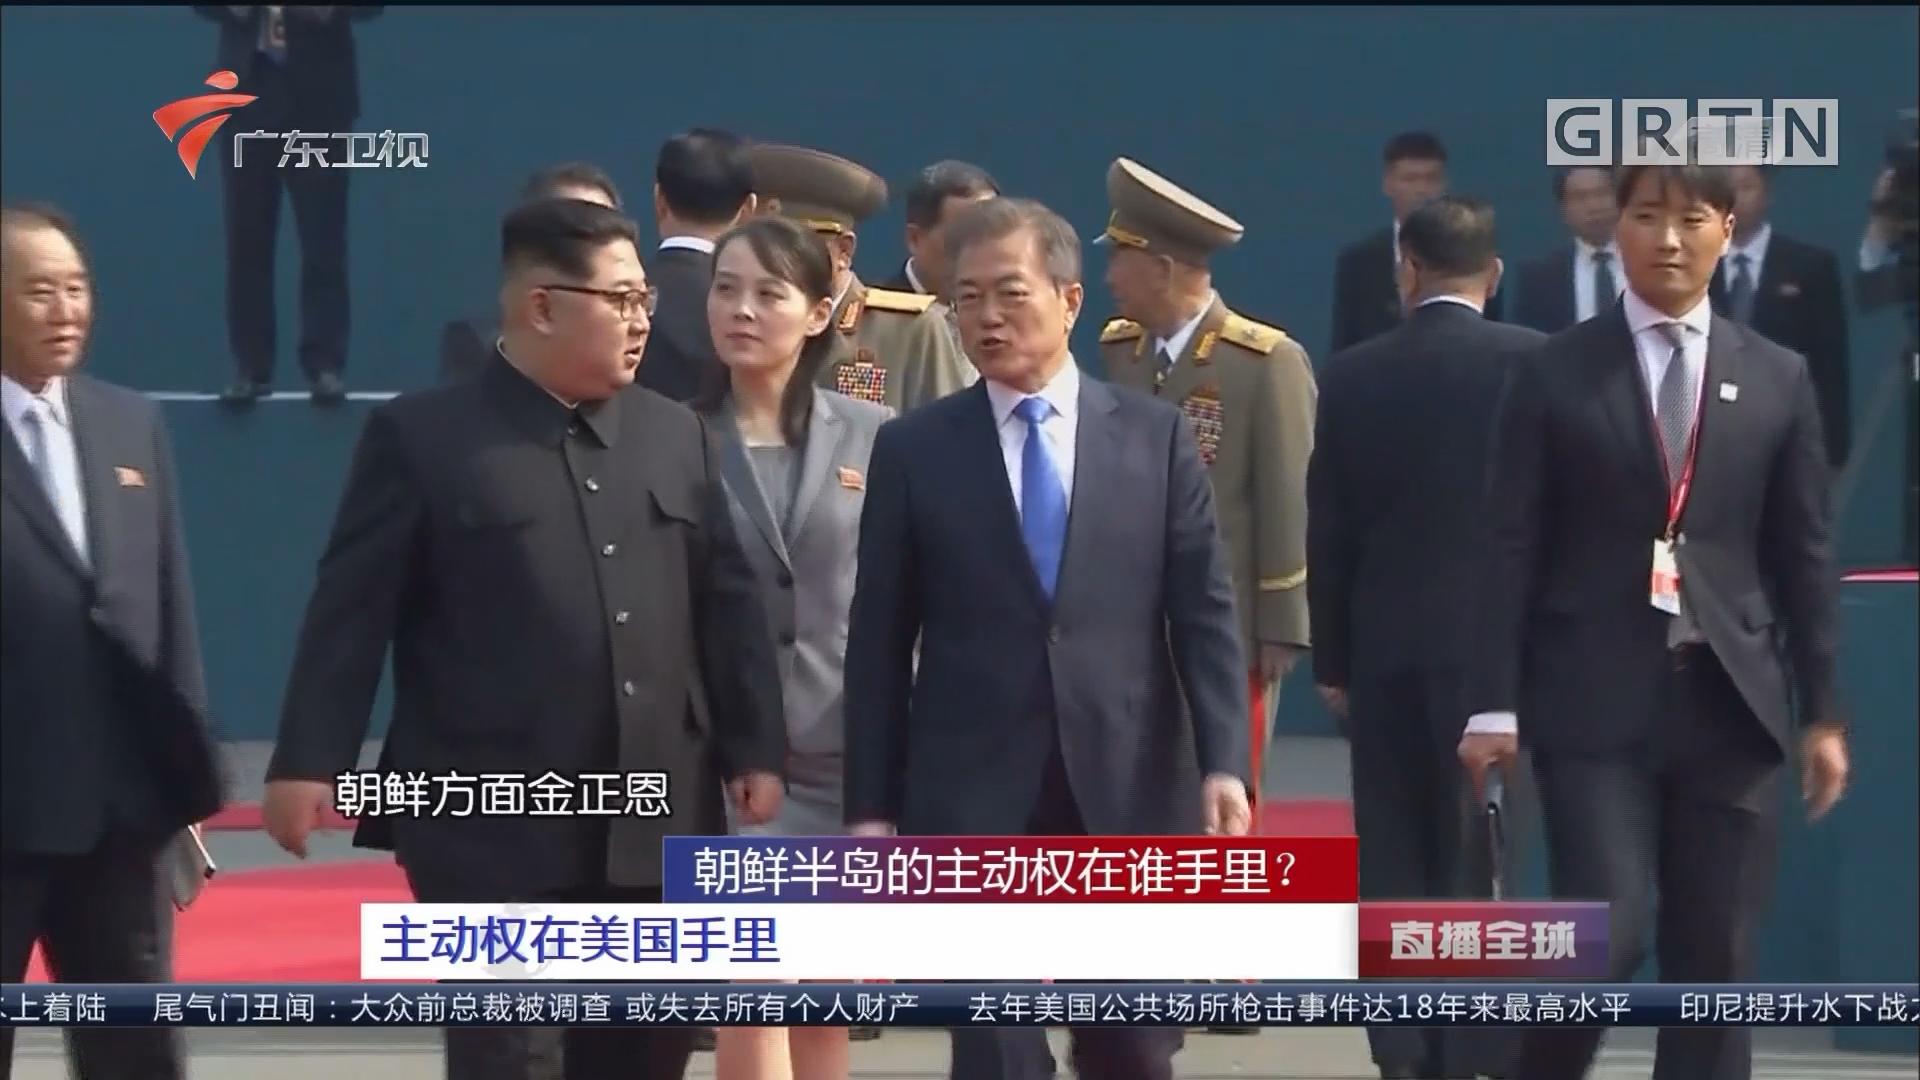 朝鲜半岛的主动权在谁手里? 主动权在美国手里